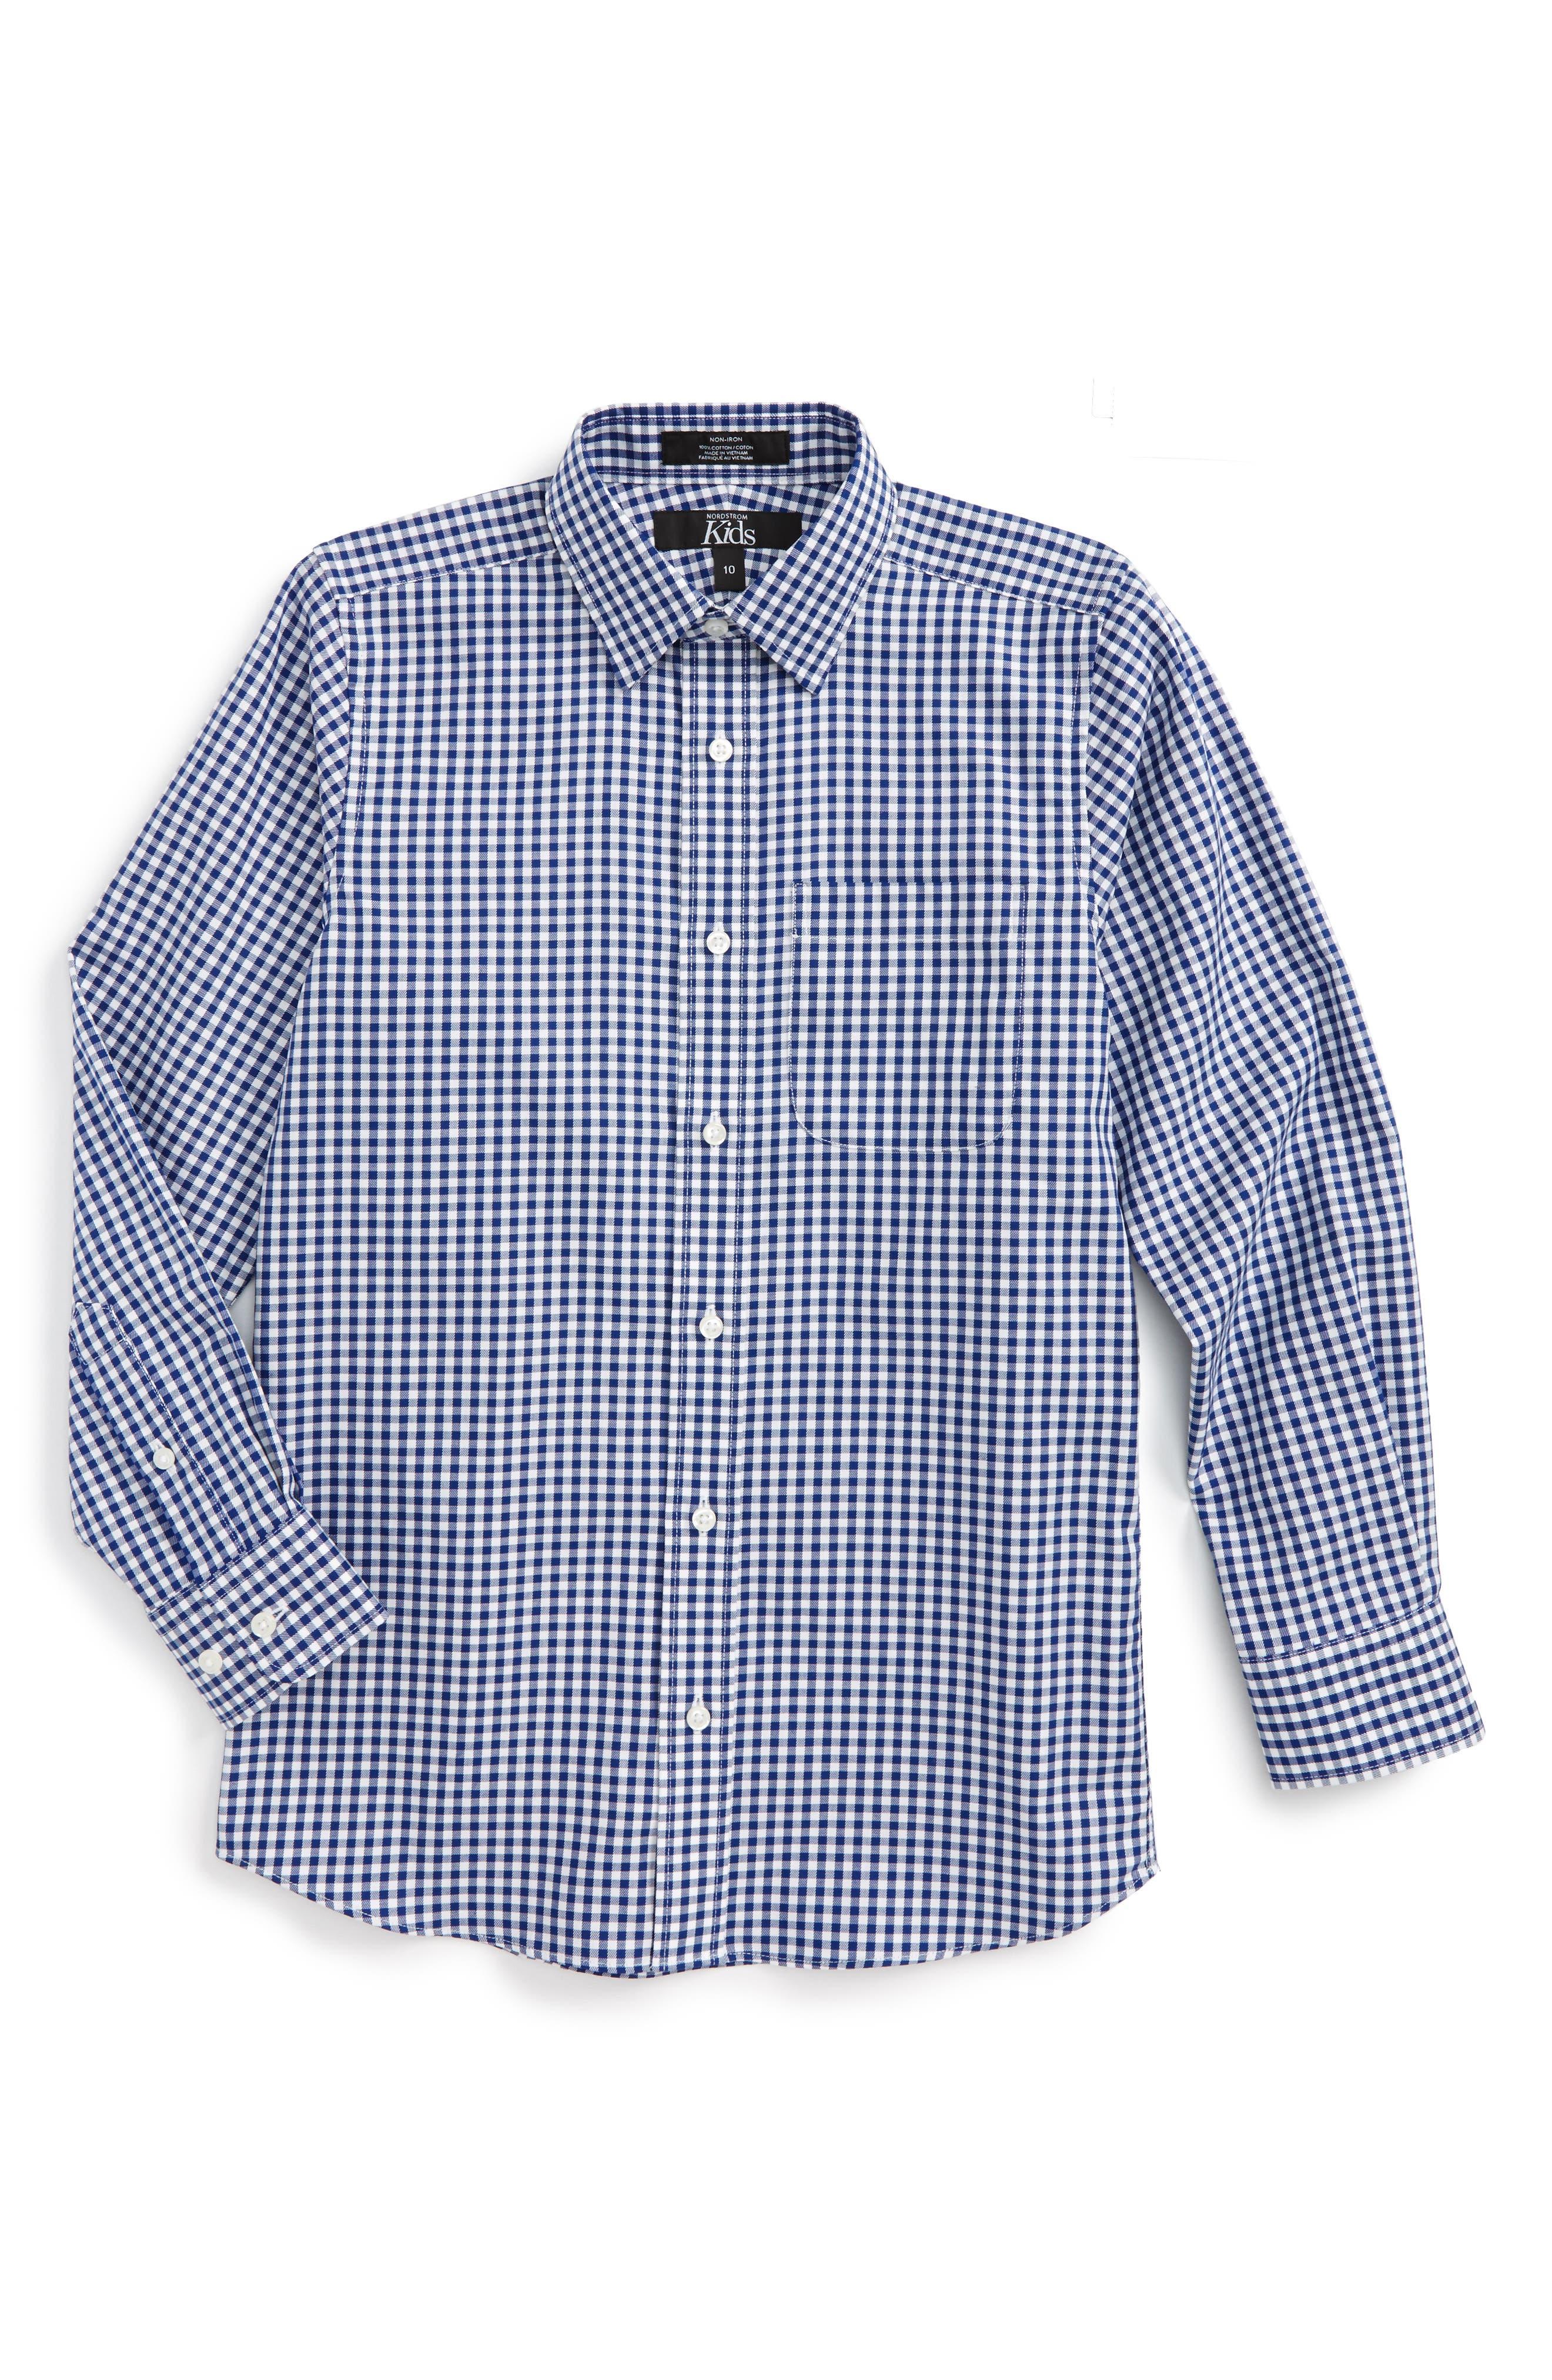 NORDSTROM Non-Iron Check Dress Shirt